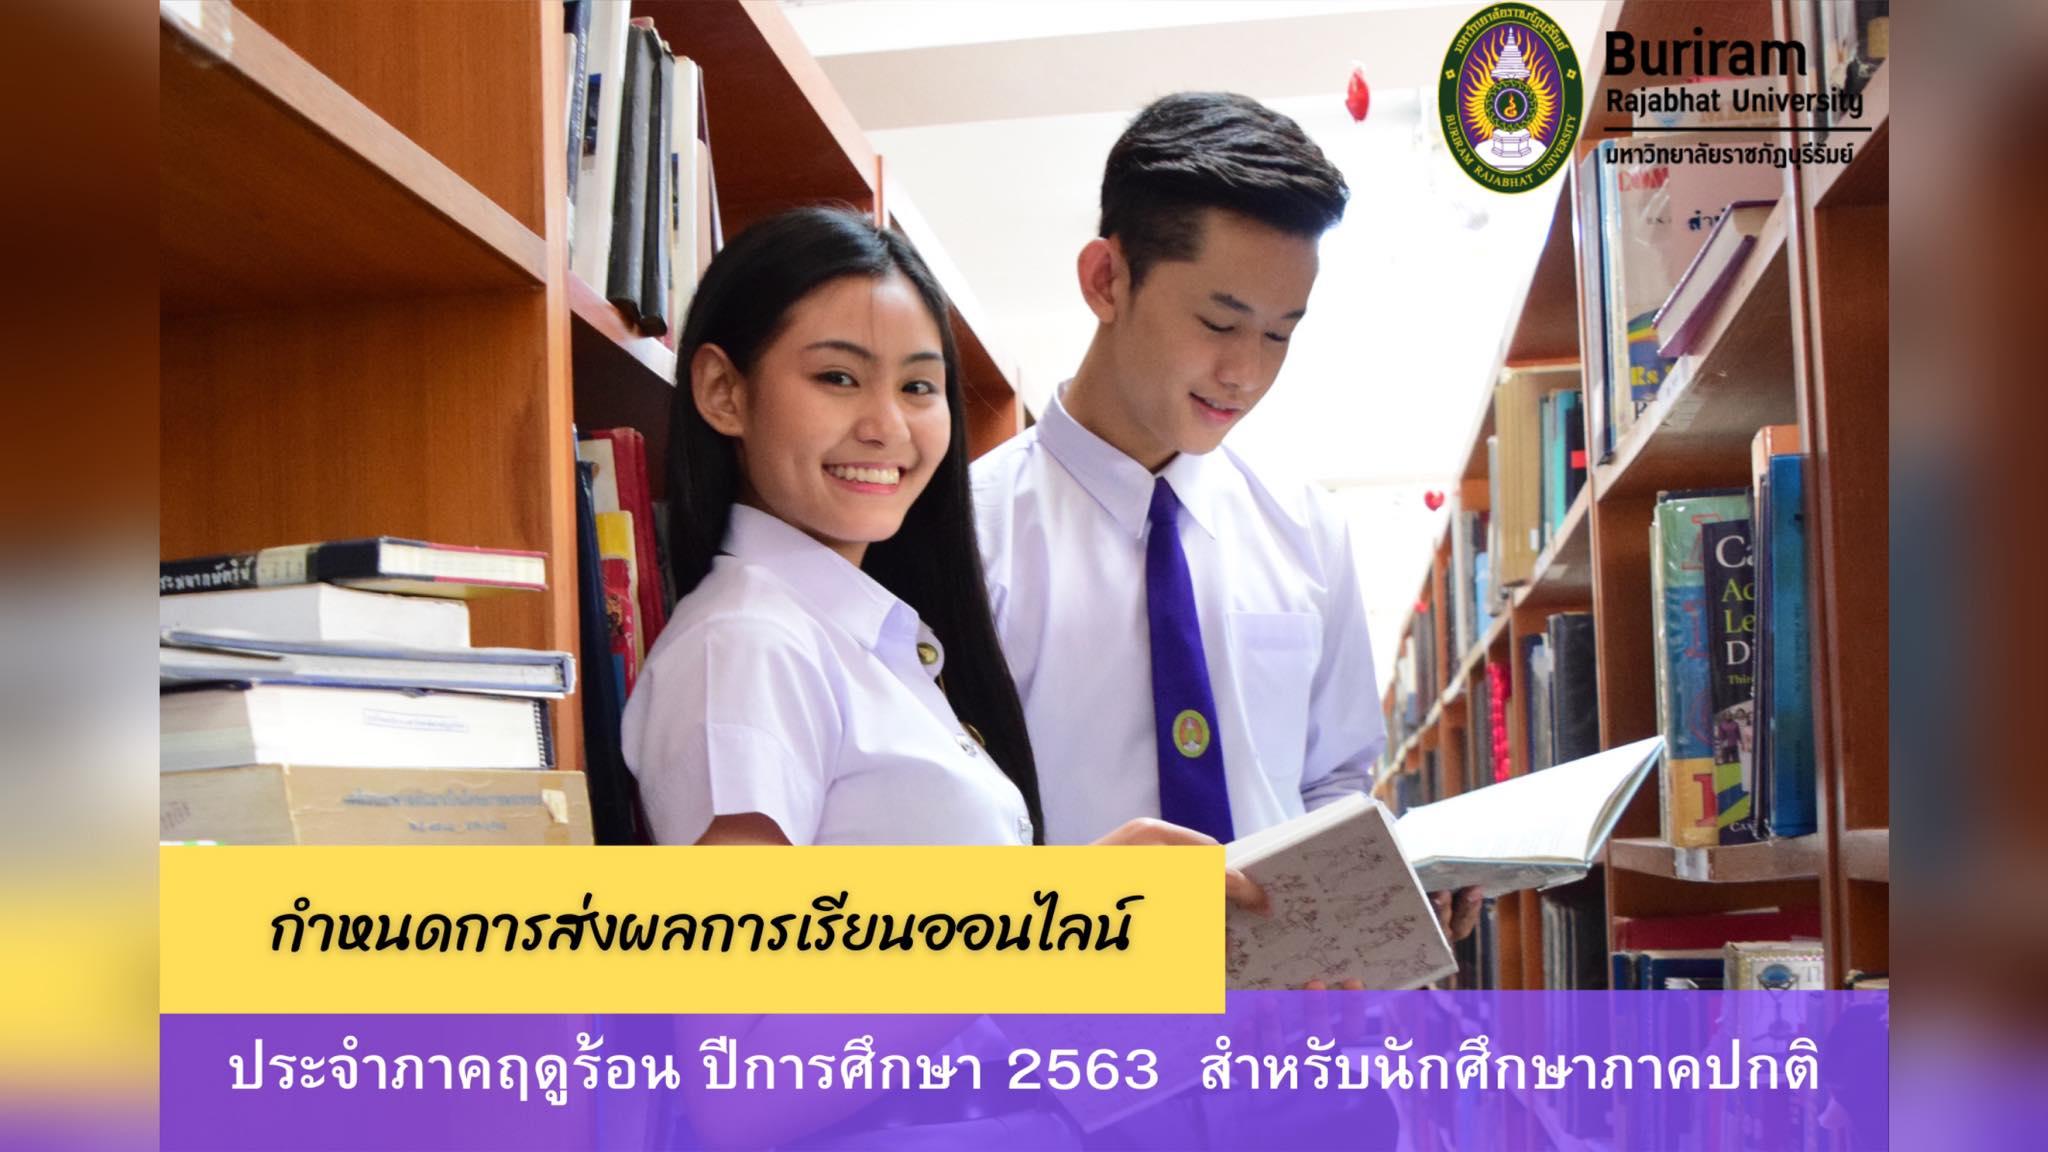 กำหนดการส่งผลการเรียนออนไลน์ ประจำภาคฤดูร้อน ปีการศึกษา 2563  สำหรับนักศึกษาภาคปกติ